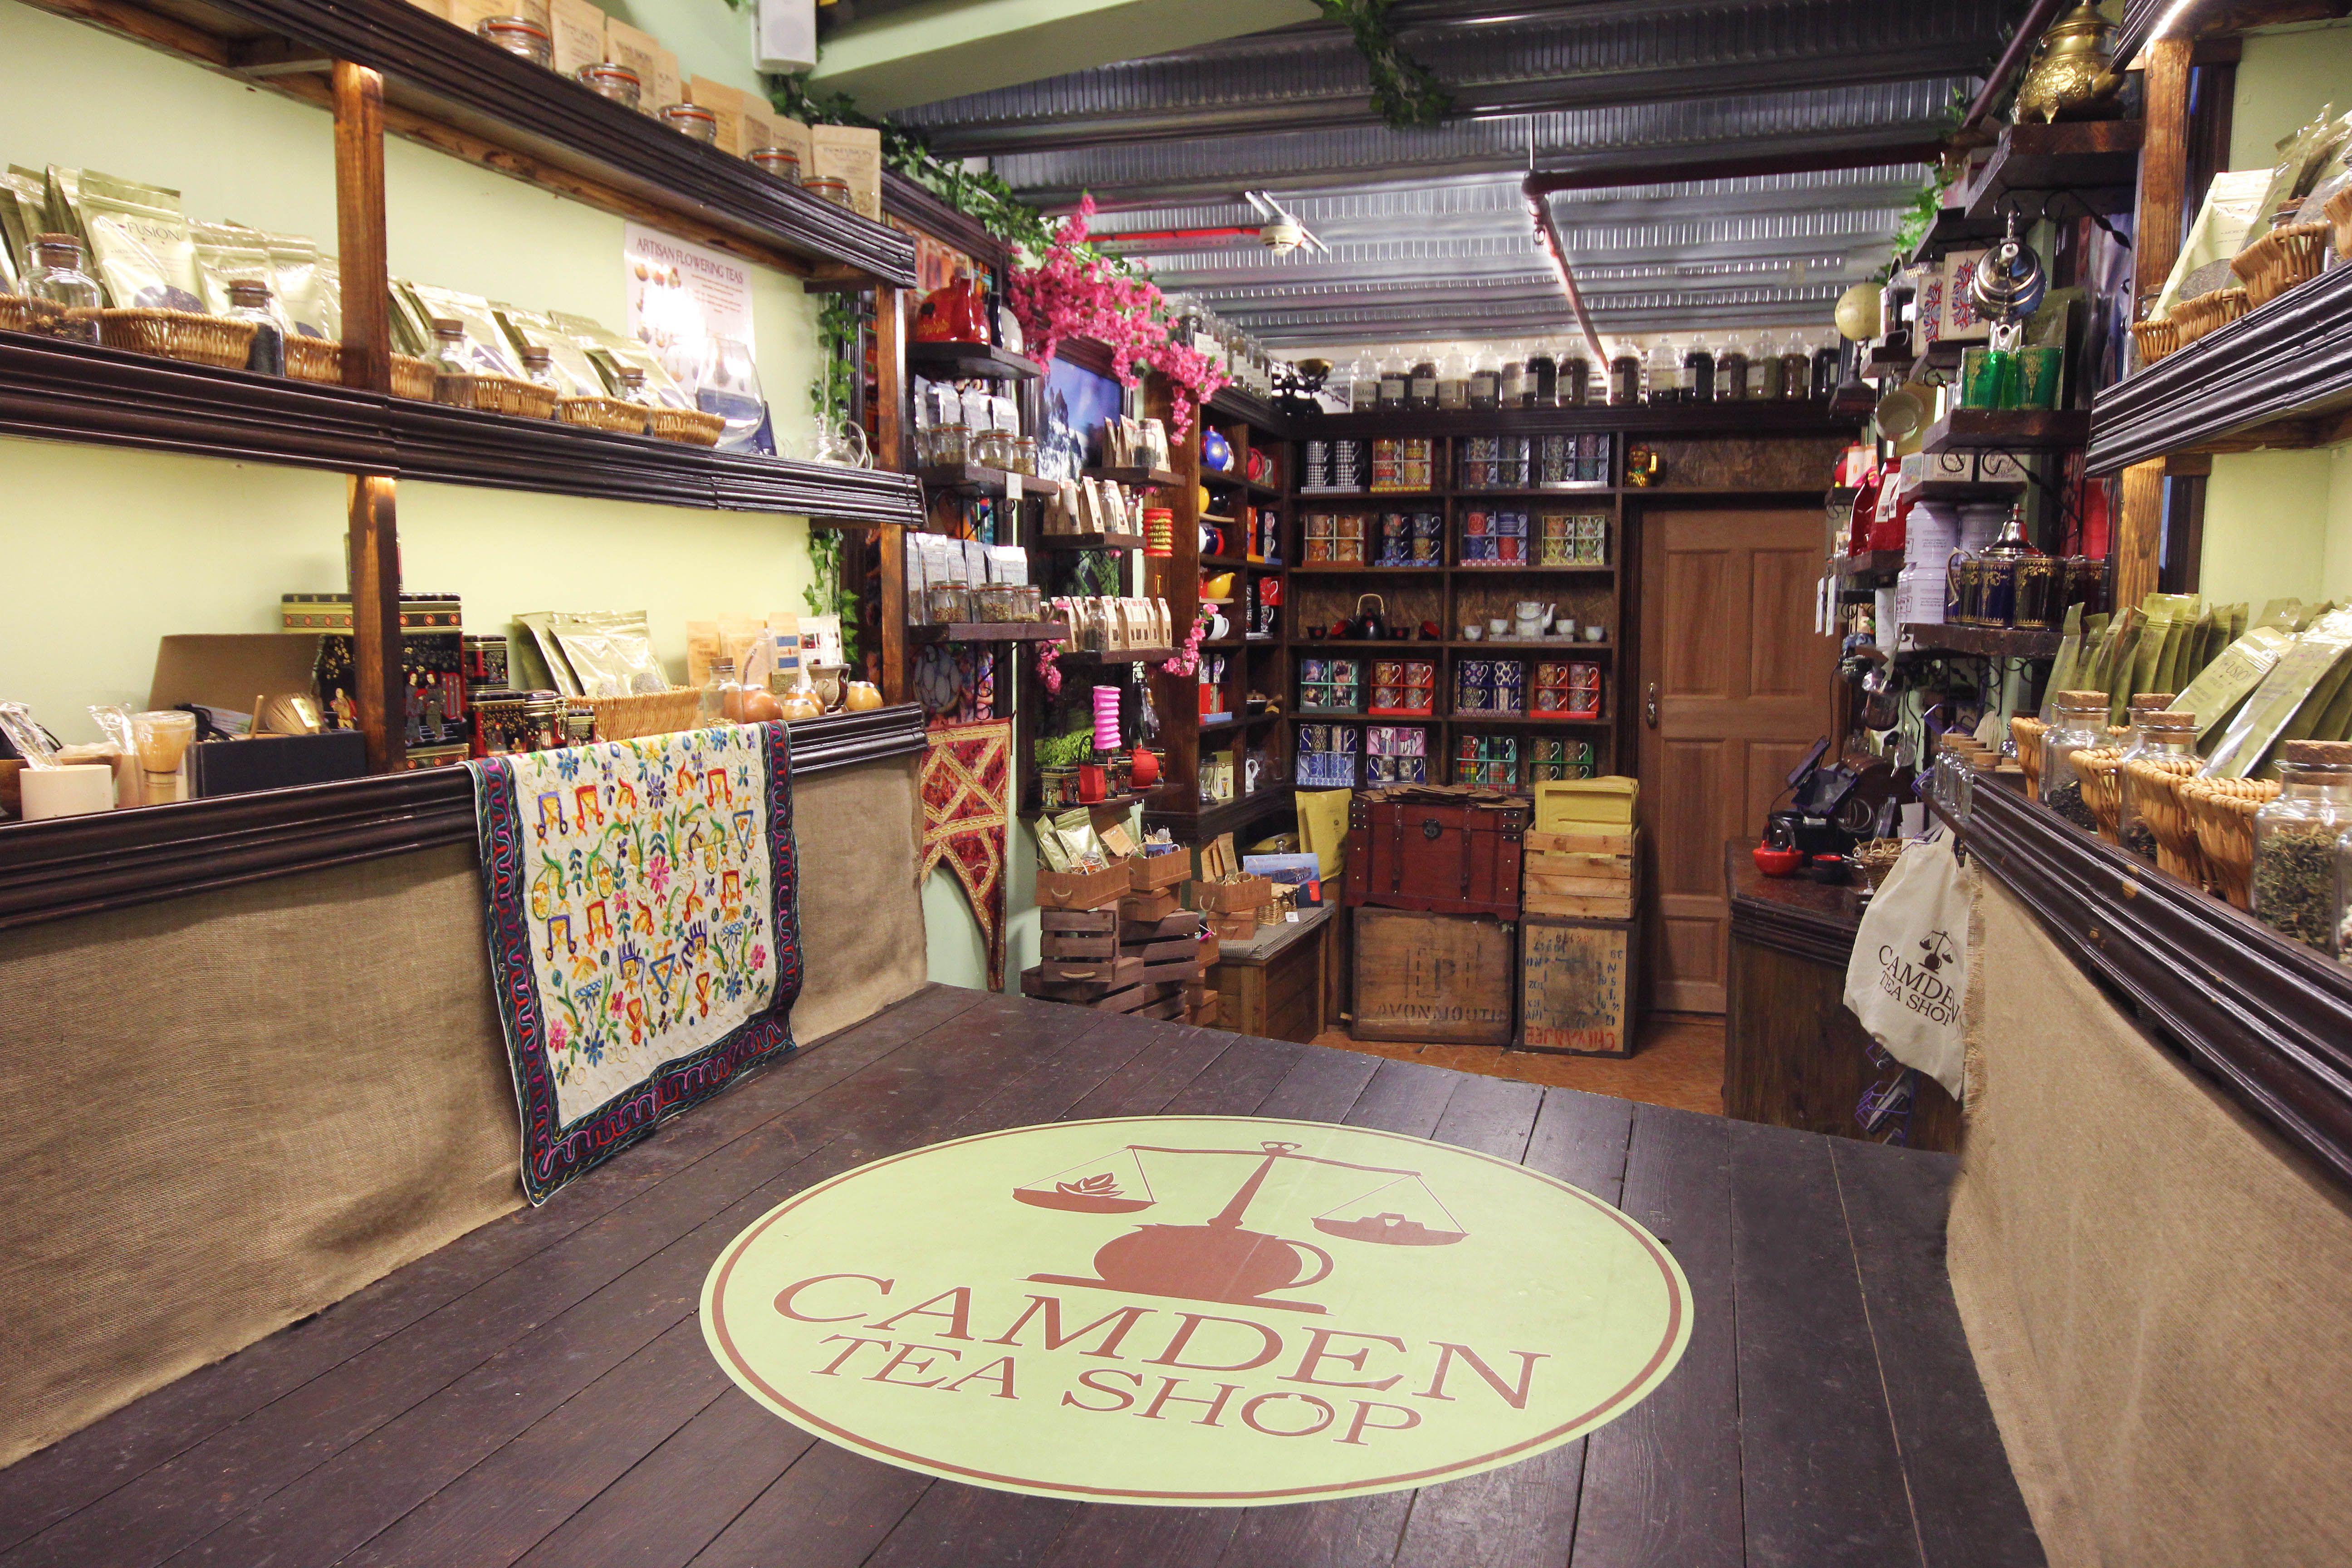 Interior of the Camden Tea Shop